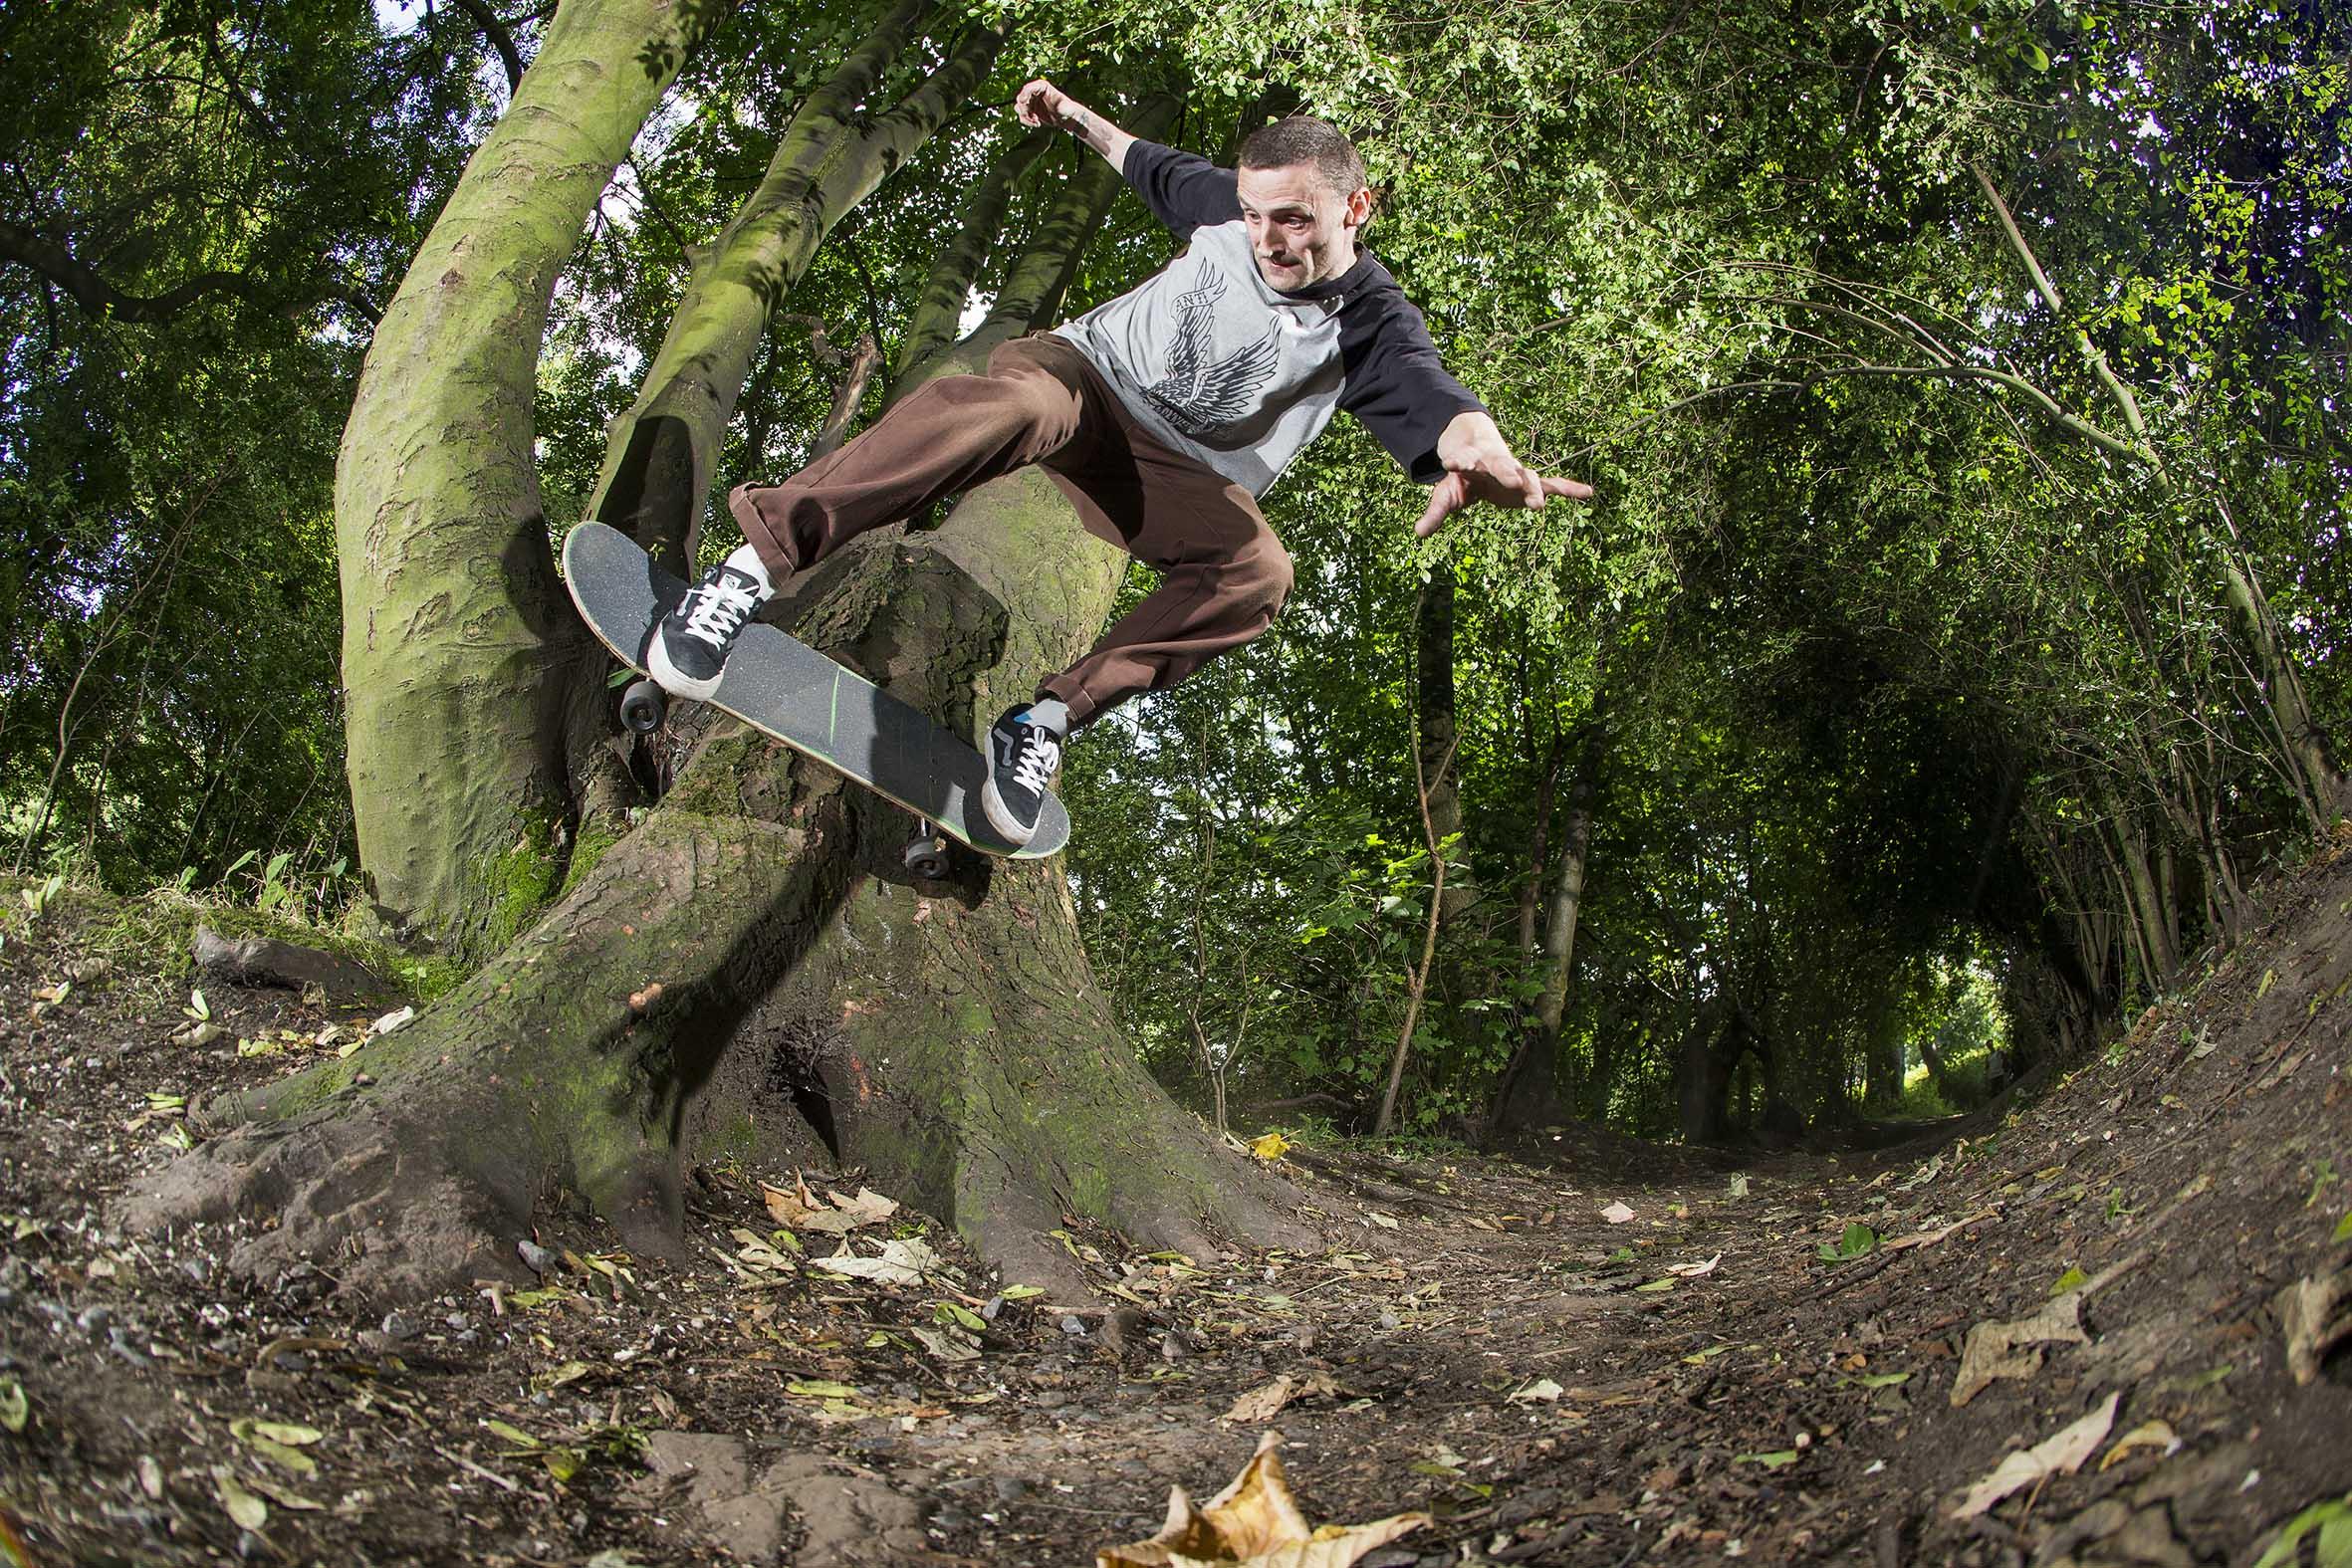 Lee Rozee - tree wallride